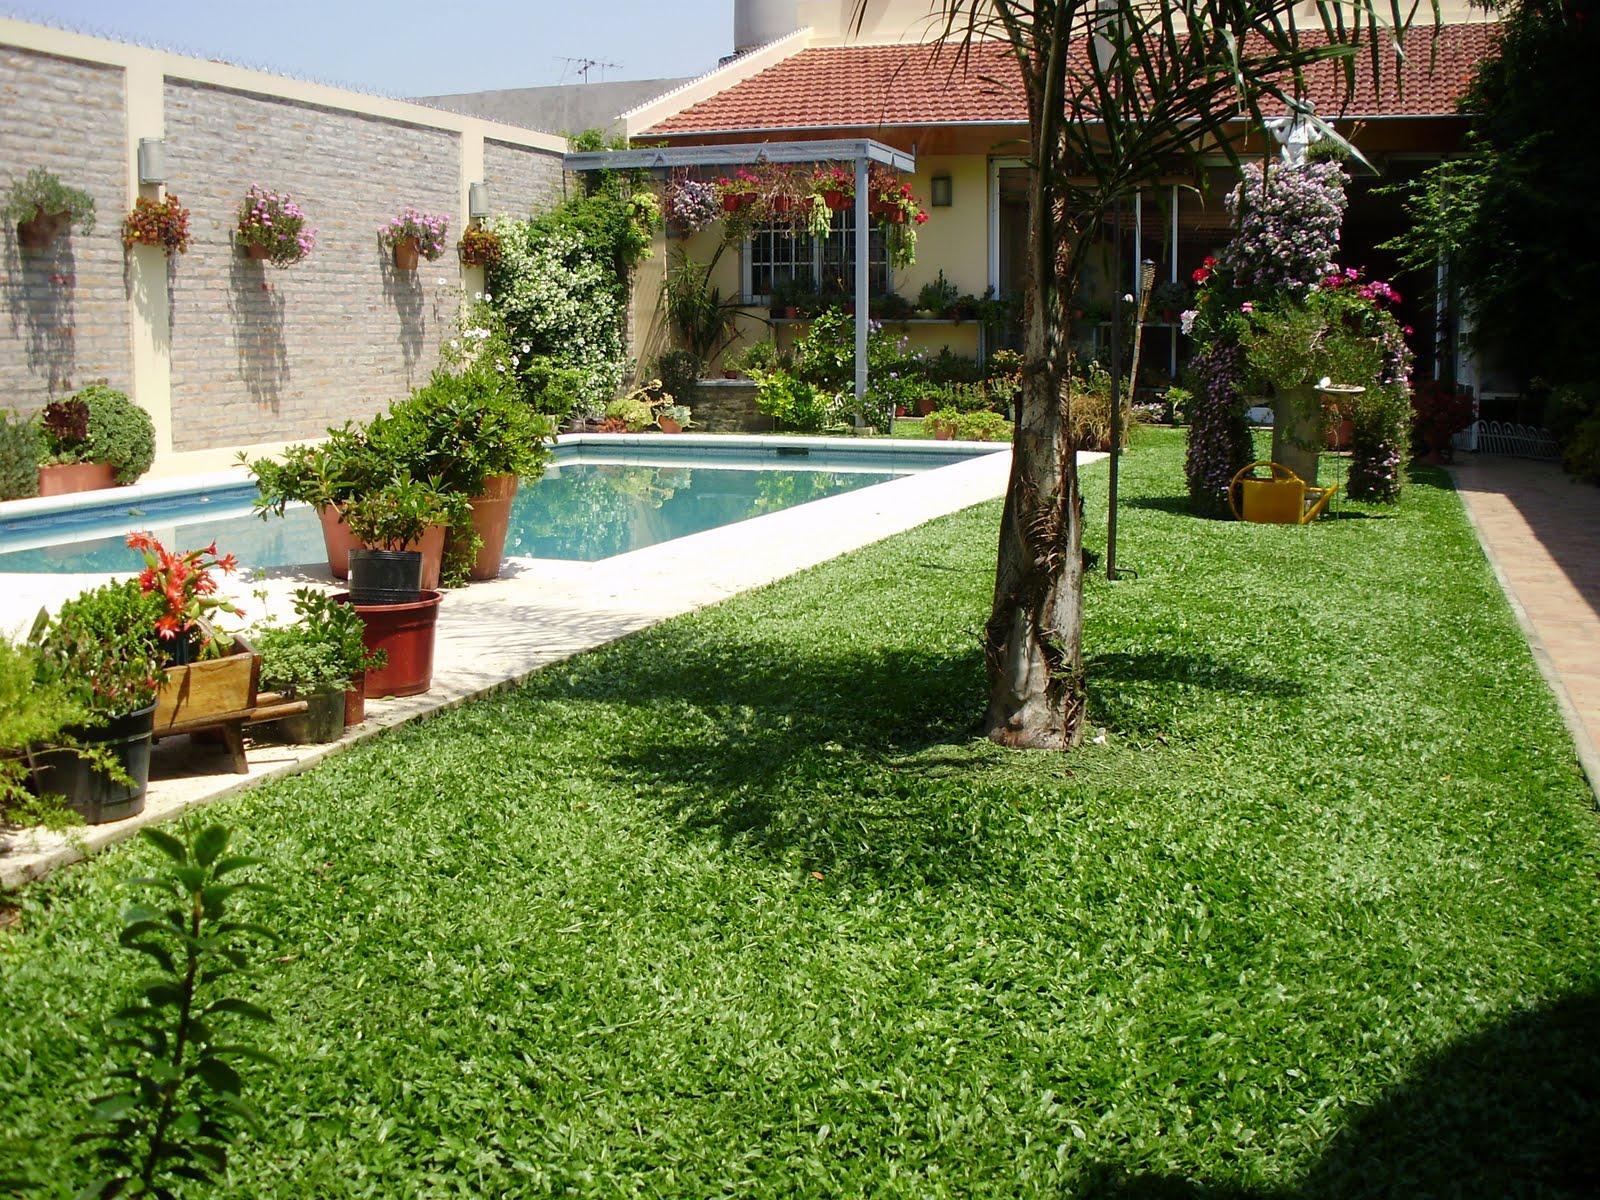 jardines osvaldo dise os y servicios de parques y jardines On diseños de jardines